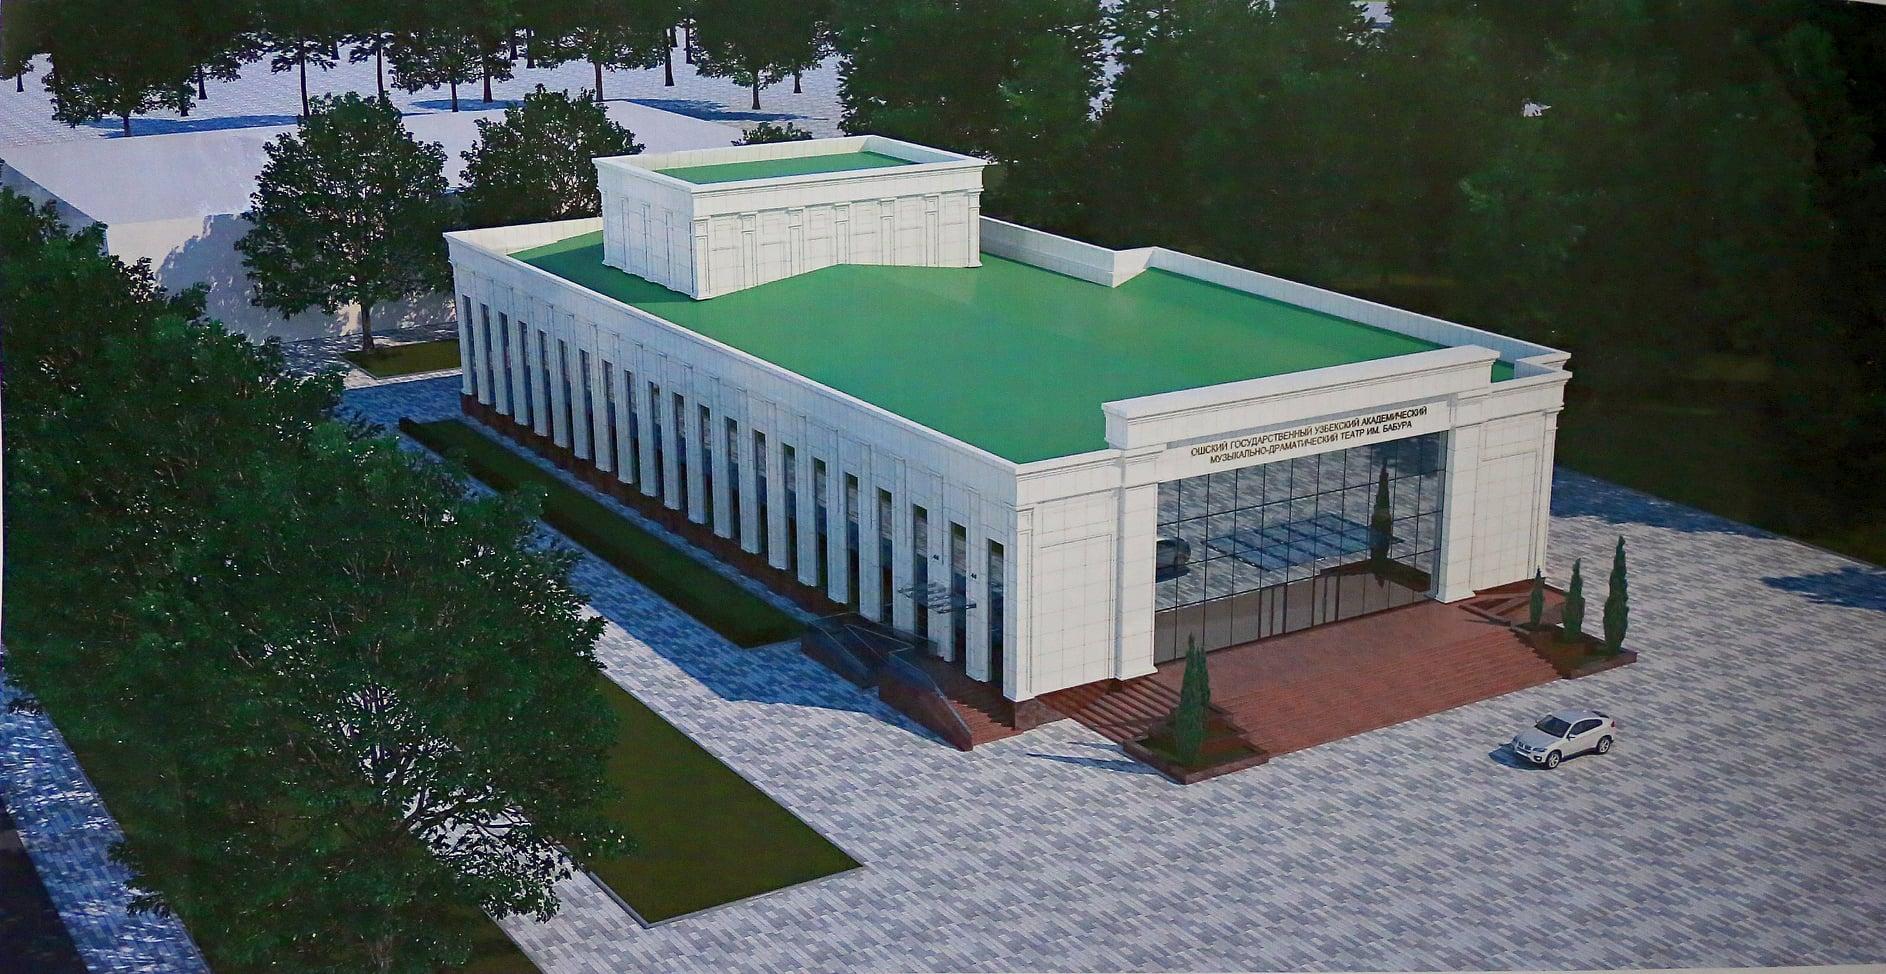 Узбекистан выделит $5 млн на реконструкцию драматического театра в Оше